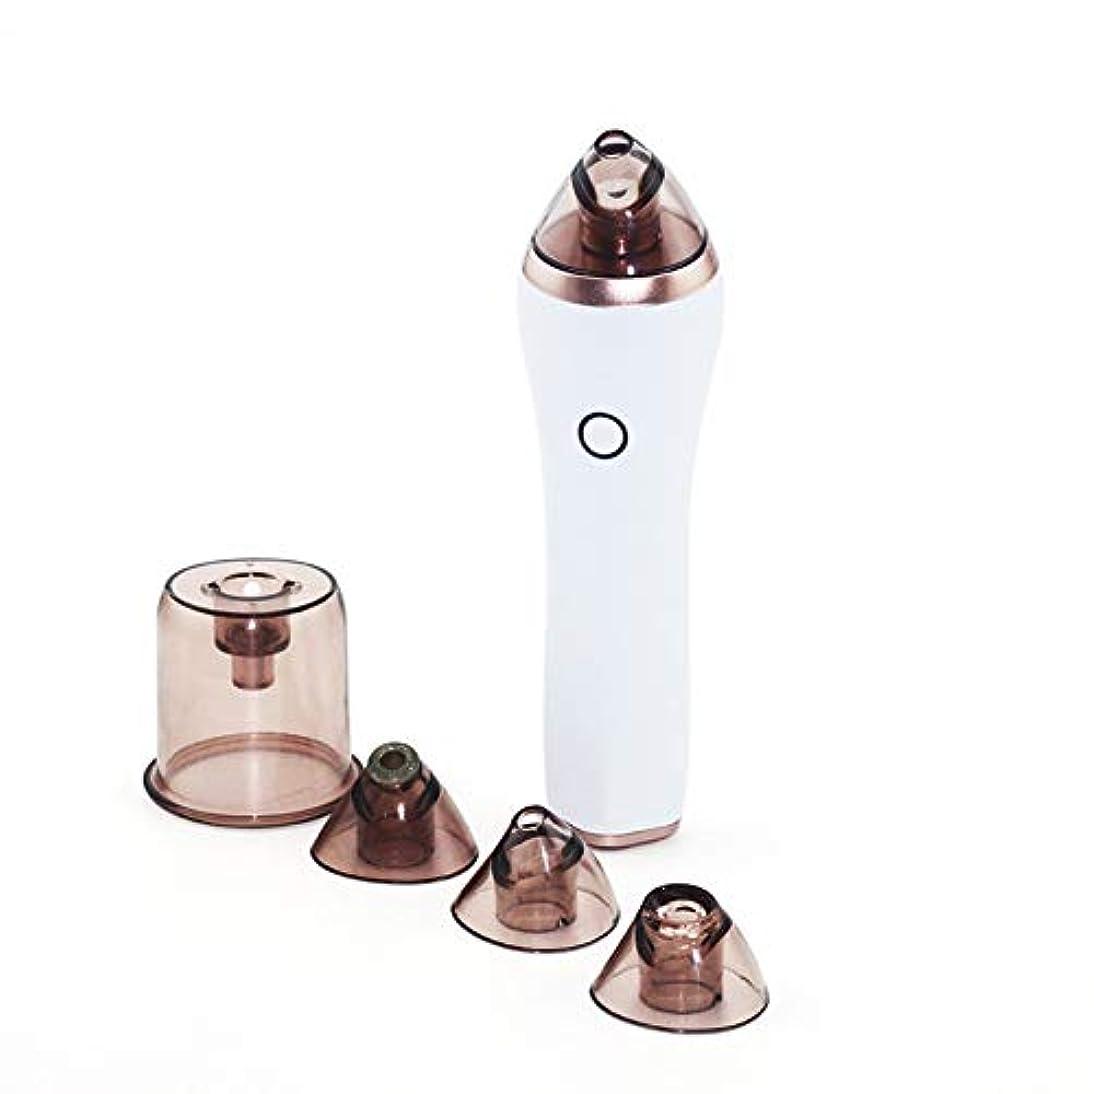 延ばすベーリング海峡野ウサギ電気にきびの器械はまた3つの調査の気孔の洗剤が付いている髭剃りすることができます、Usb充満にきびのシリコーンの吸引のコップの顔の皮の処置のための電気清潔になる美の器械,White